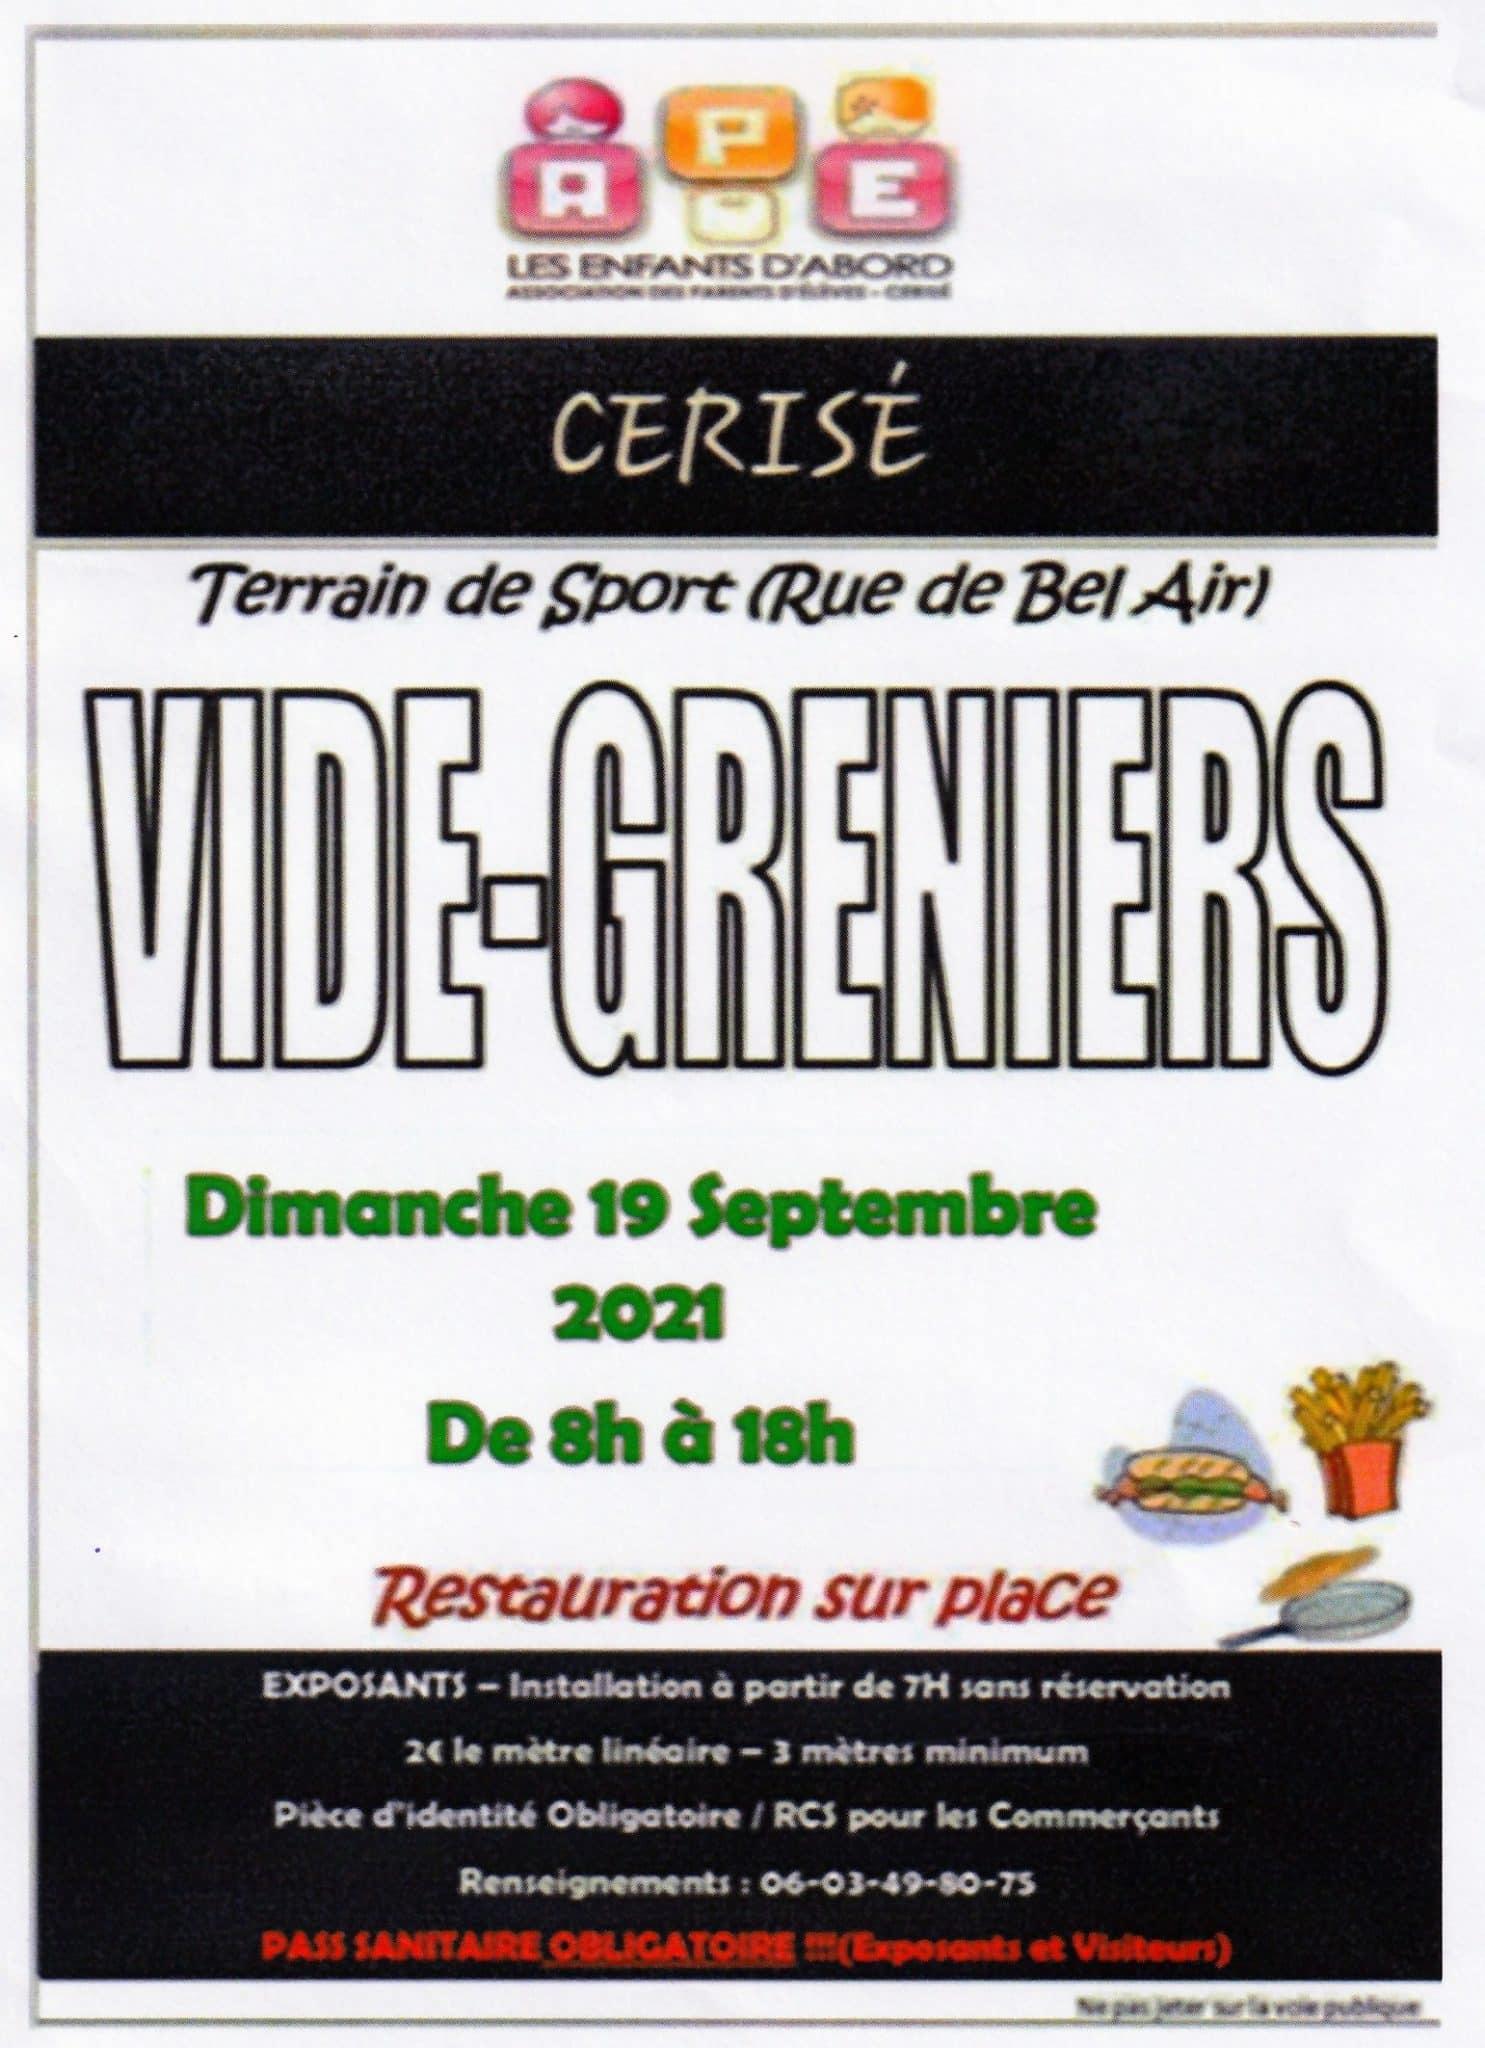 Vide-Greniers organisé par l'APE-dimanche 19 septembre 2021 de 8h à 18h